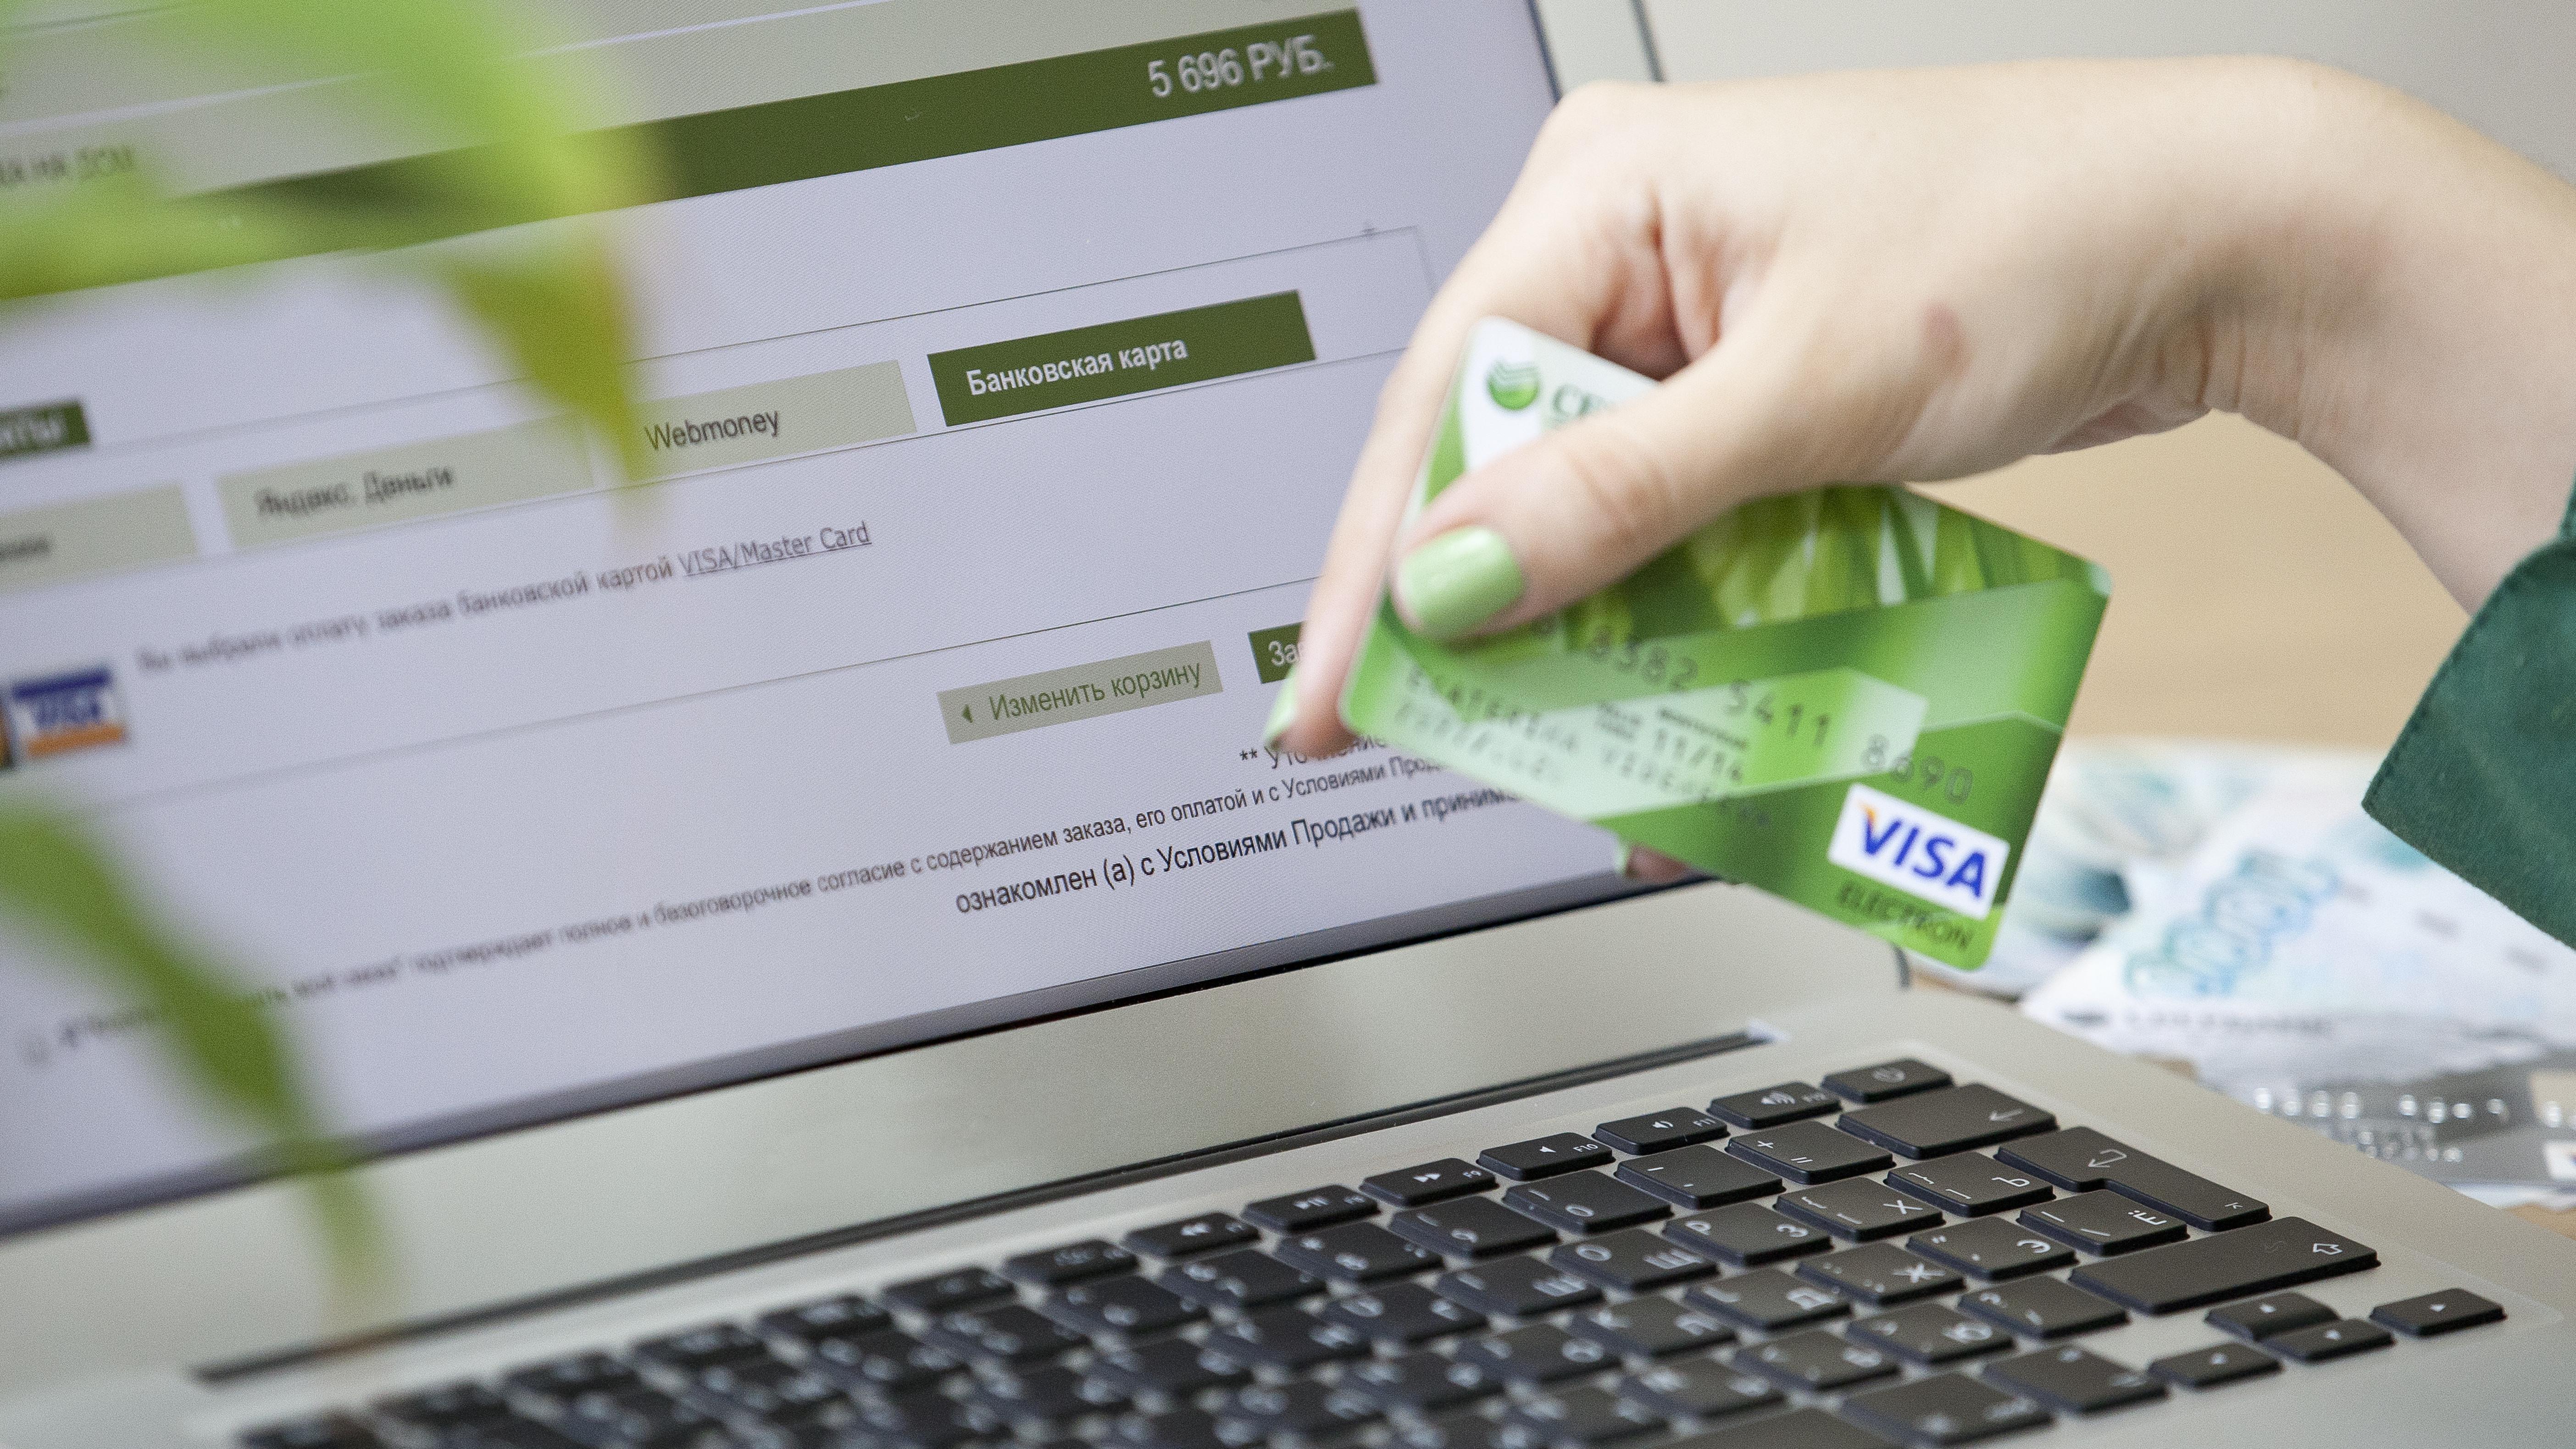 Жителей Московской области предупредили о развитии нового вида мошенничества